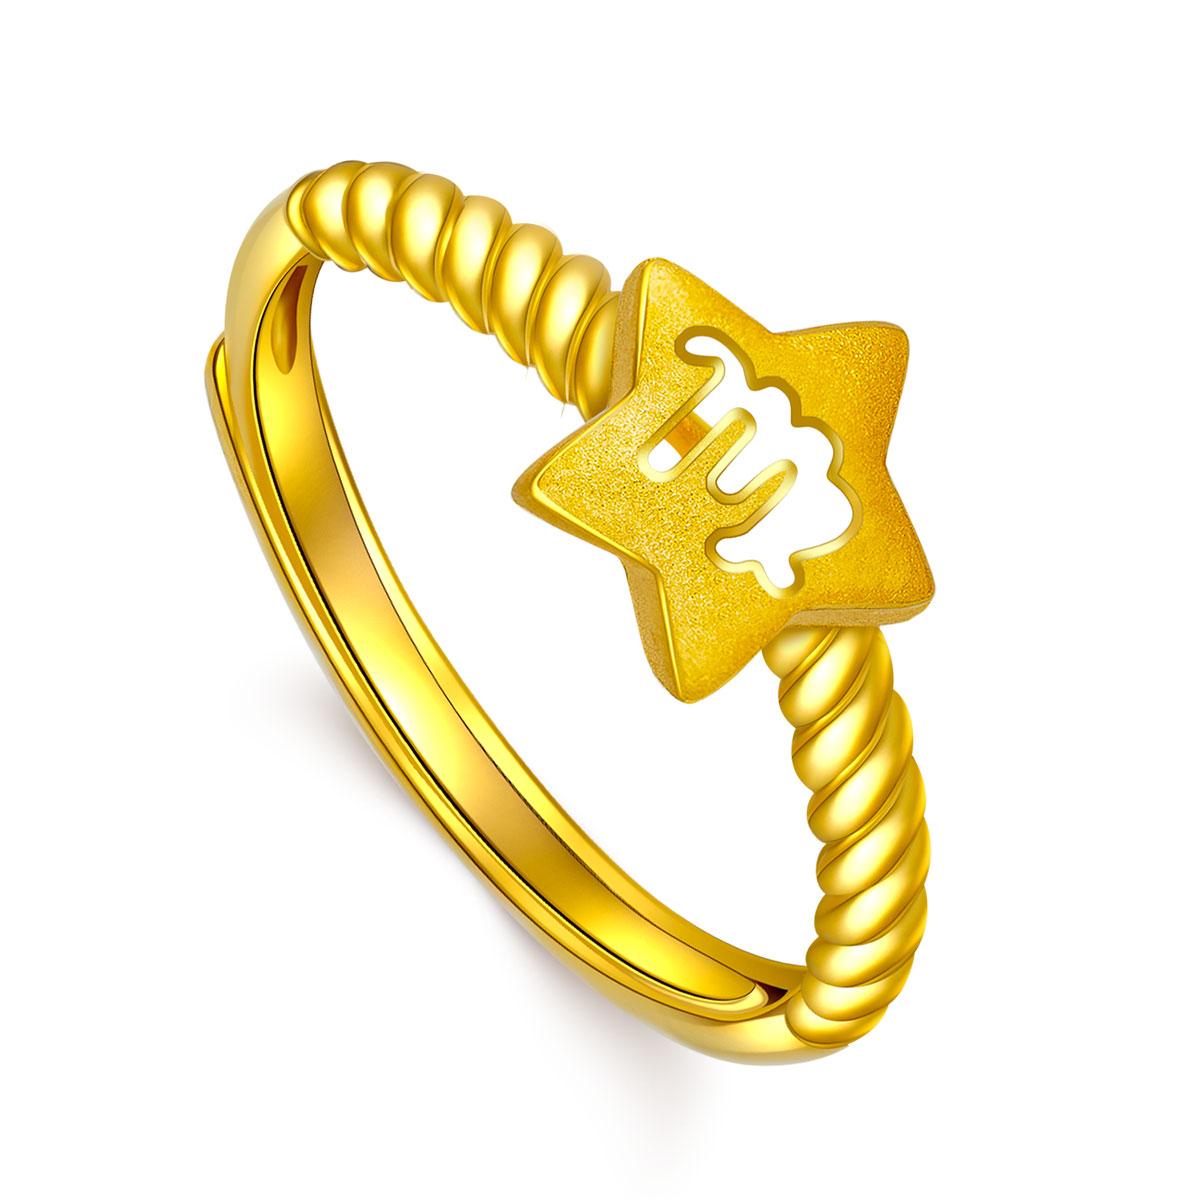 潮宏基星物语 十二星座 足金戒指黄金戒指 计价SRG30001045